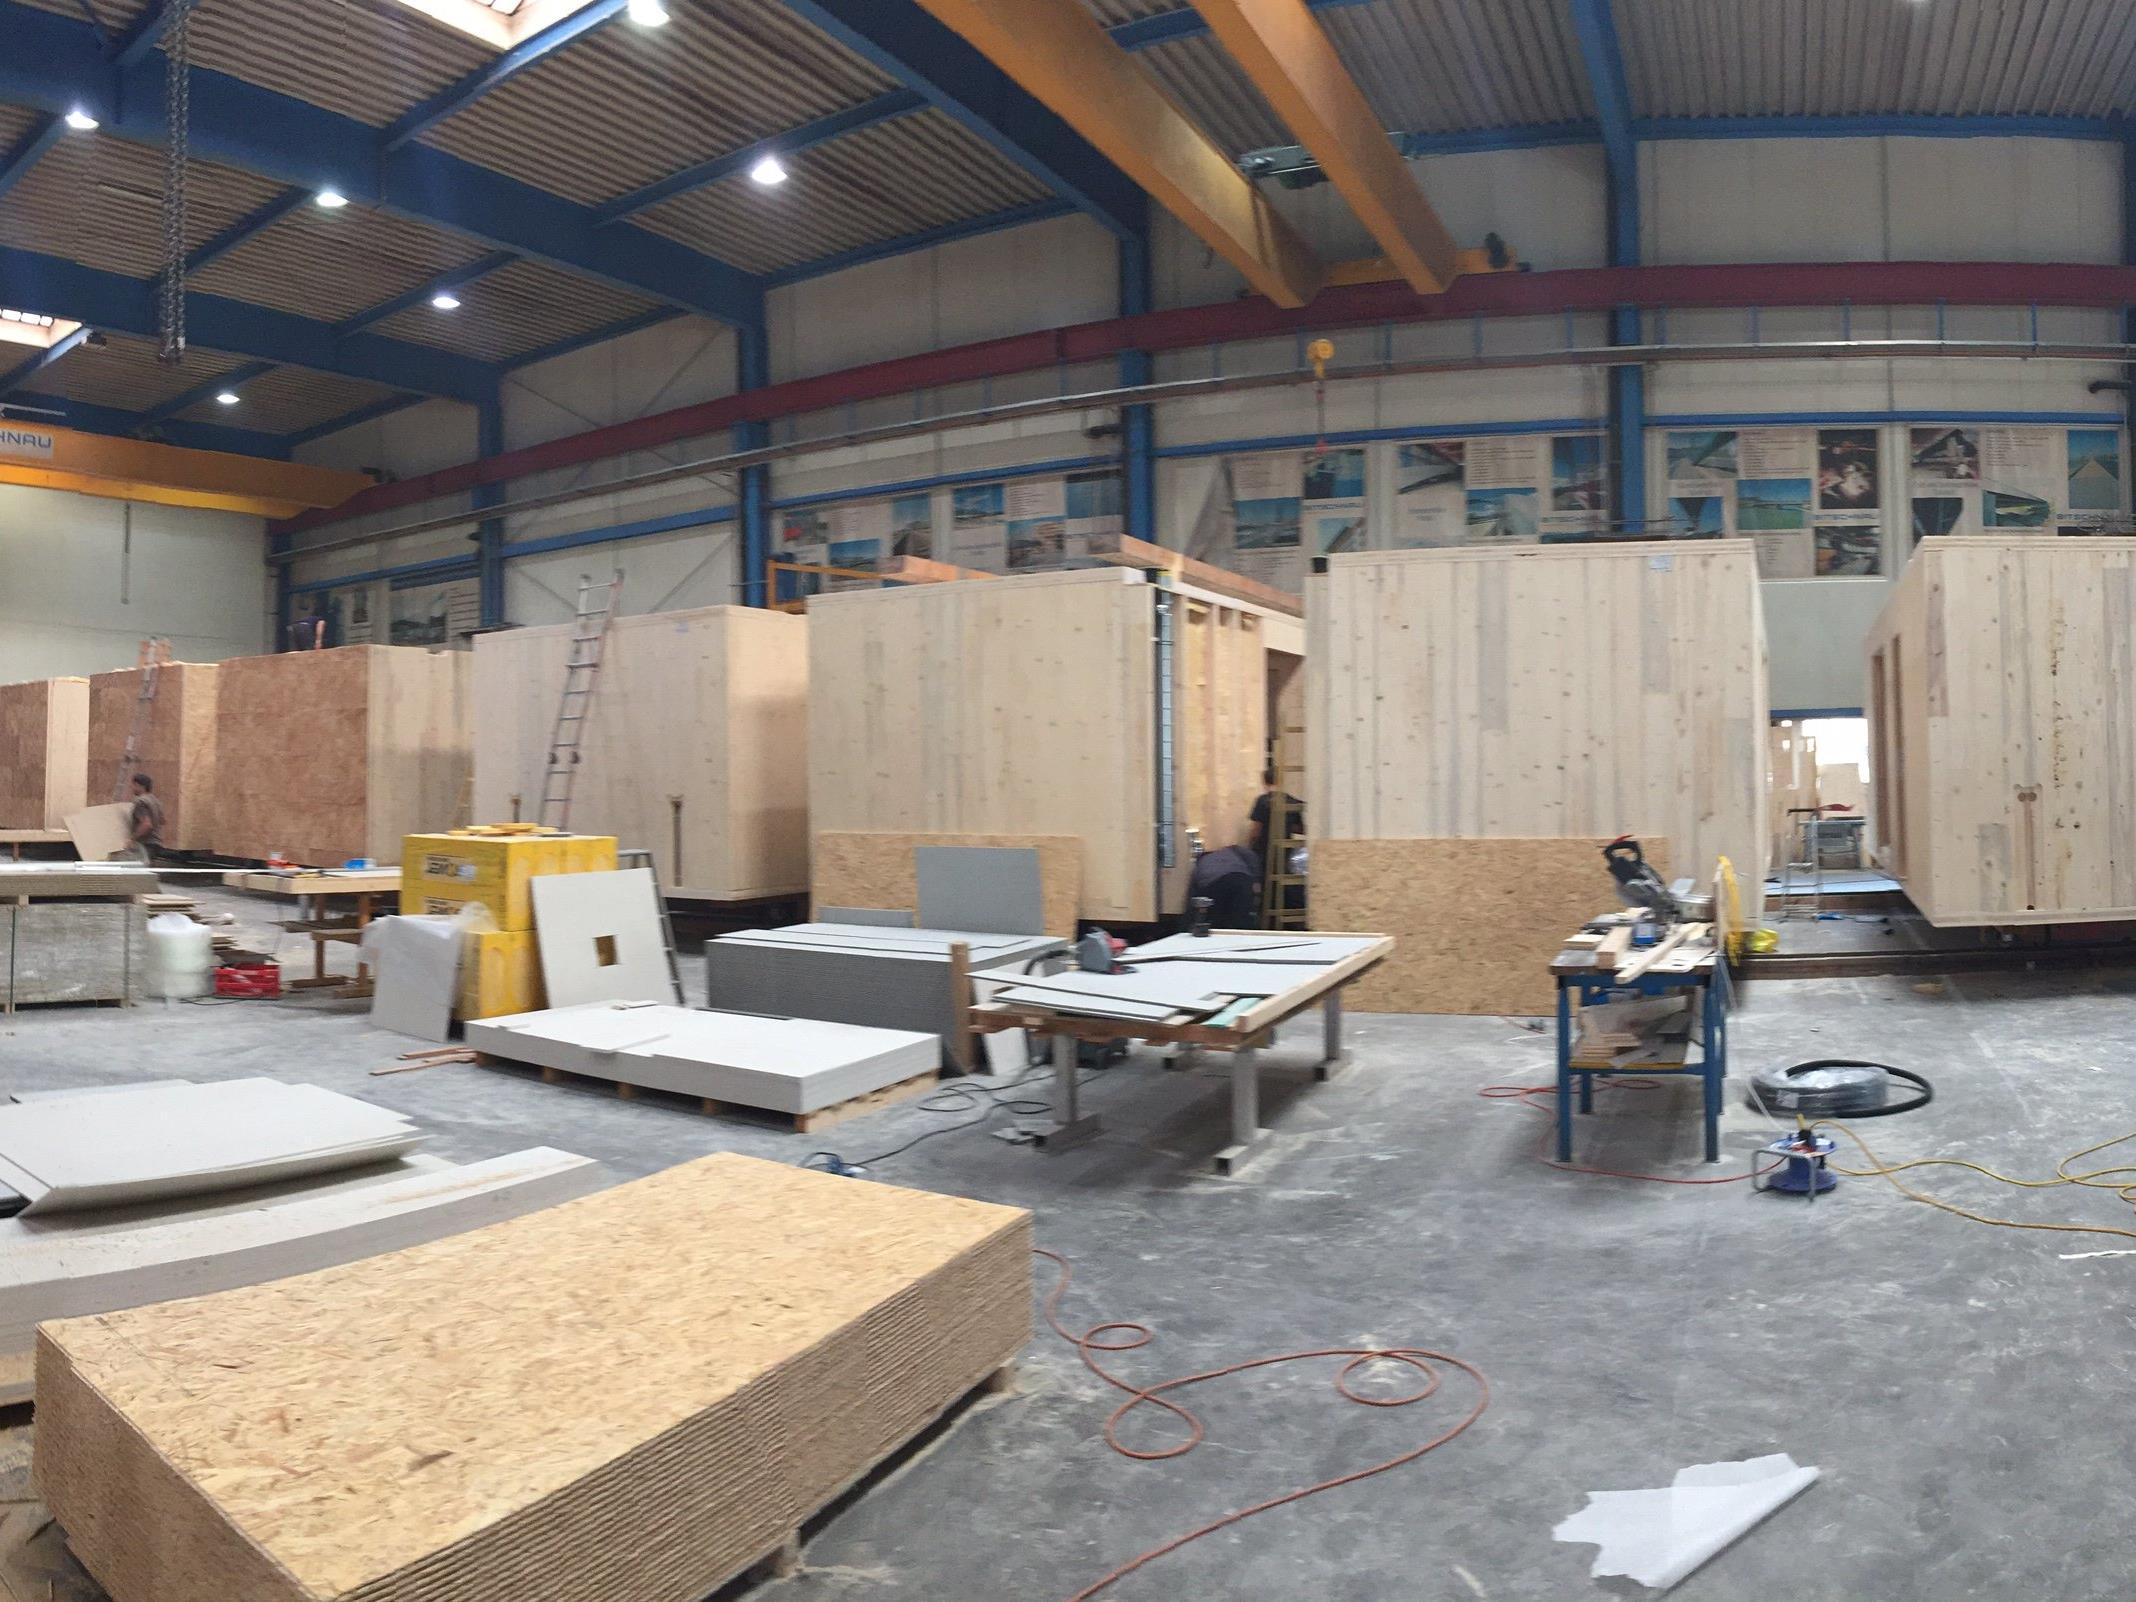 Von rechts nach links wandern die einzelnen Wohnmodule: vom reinen Holzkörper bis zum fertig ausgestatteten Wohnmodul.